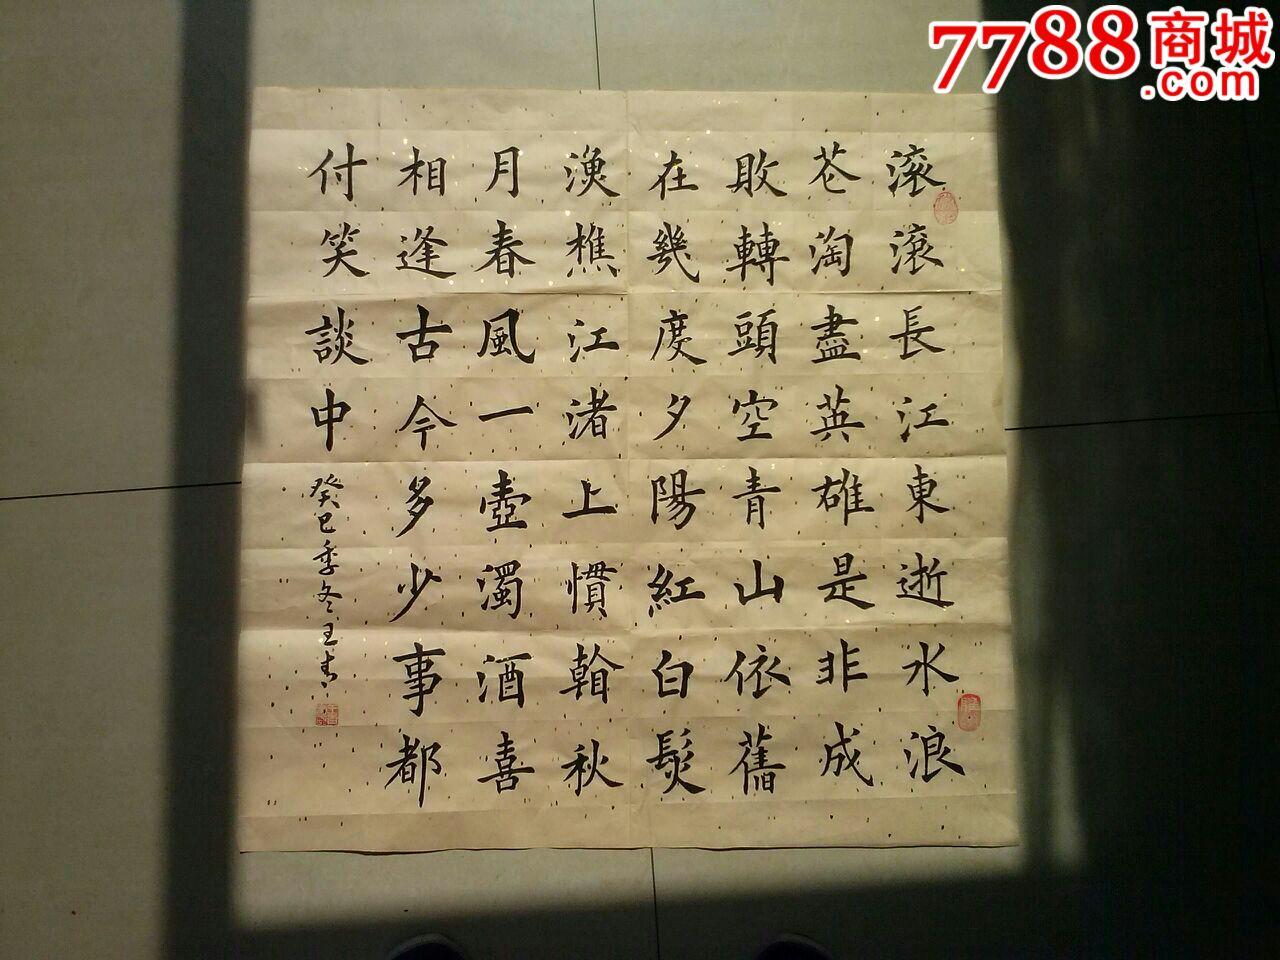 欧体楷书毛笔手写滚滚长江东逝水图片